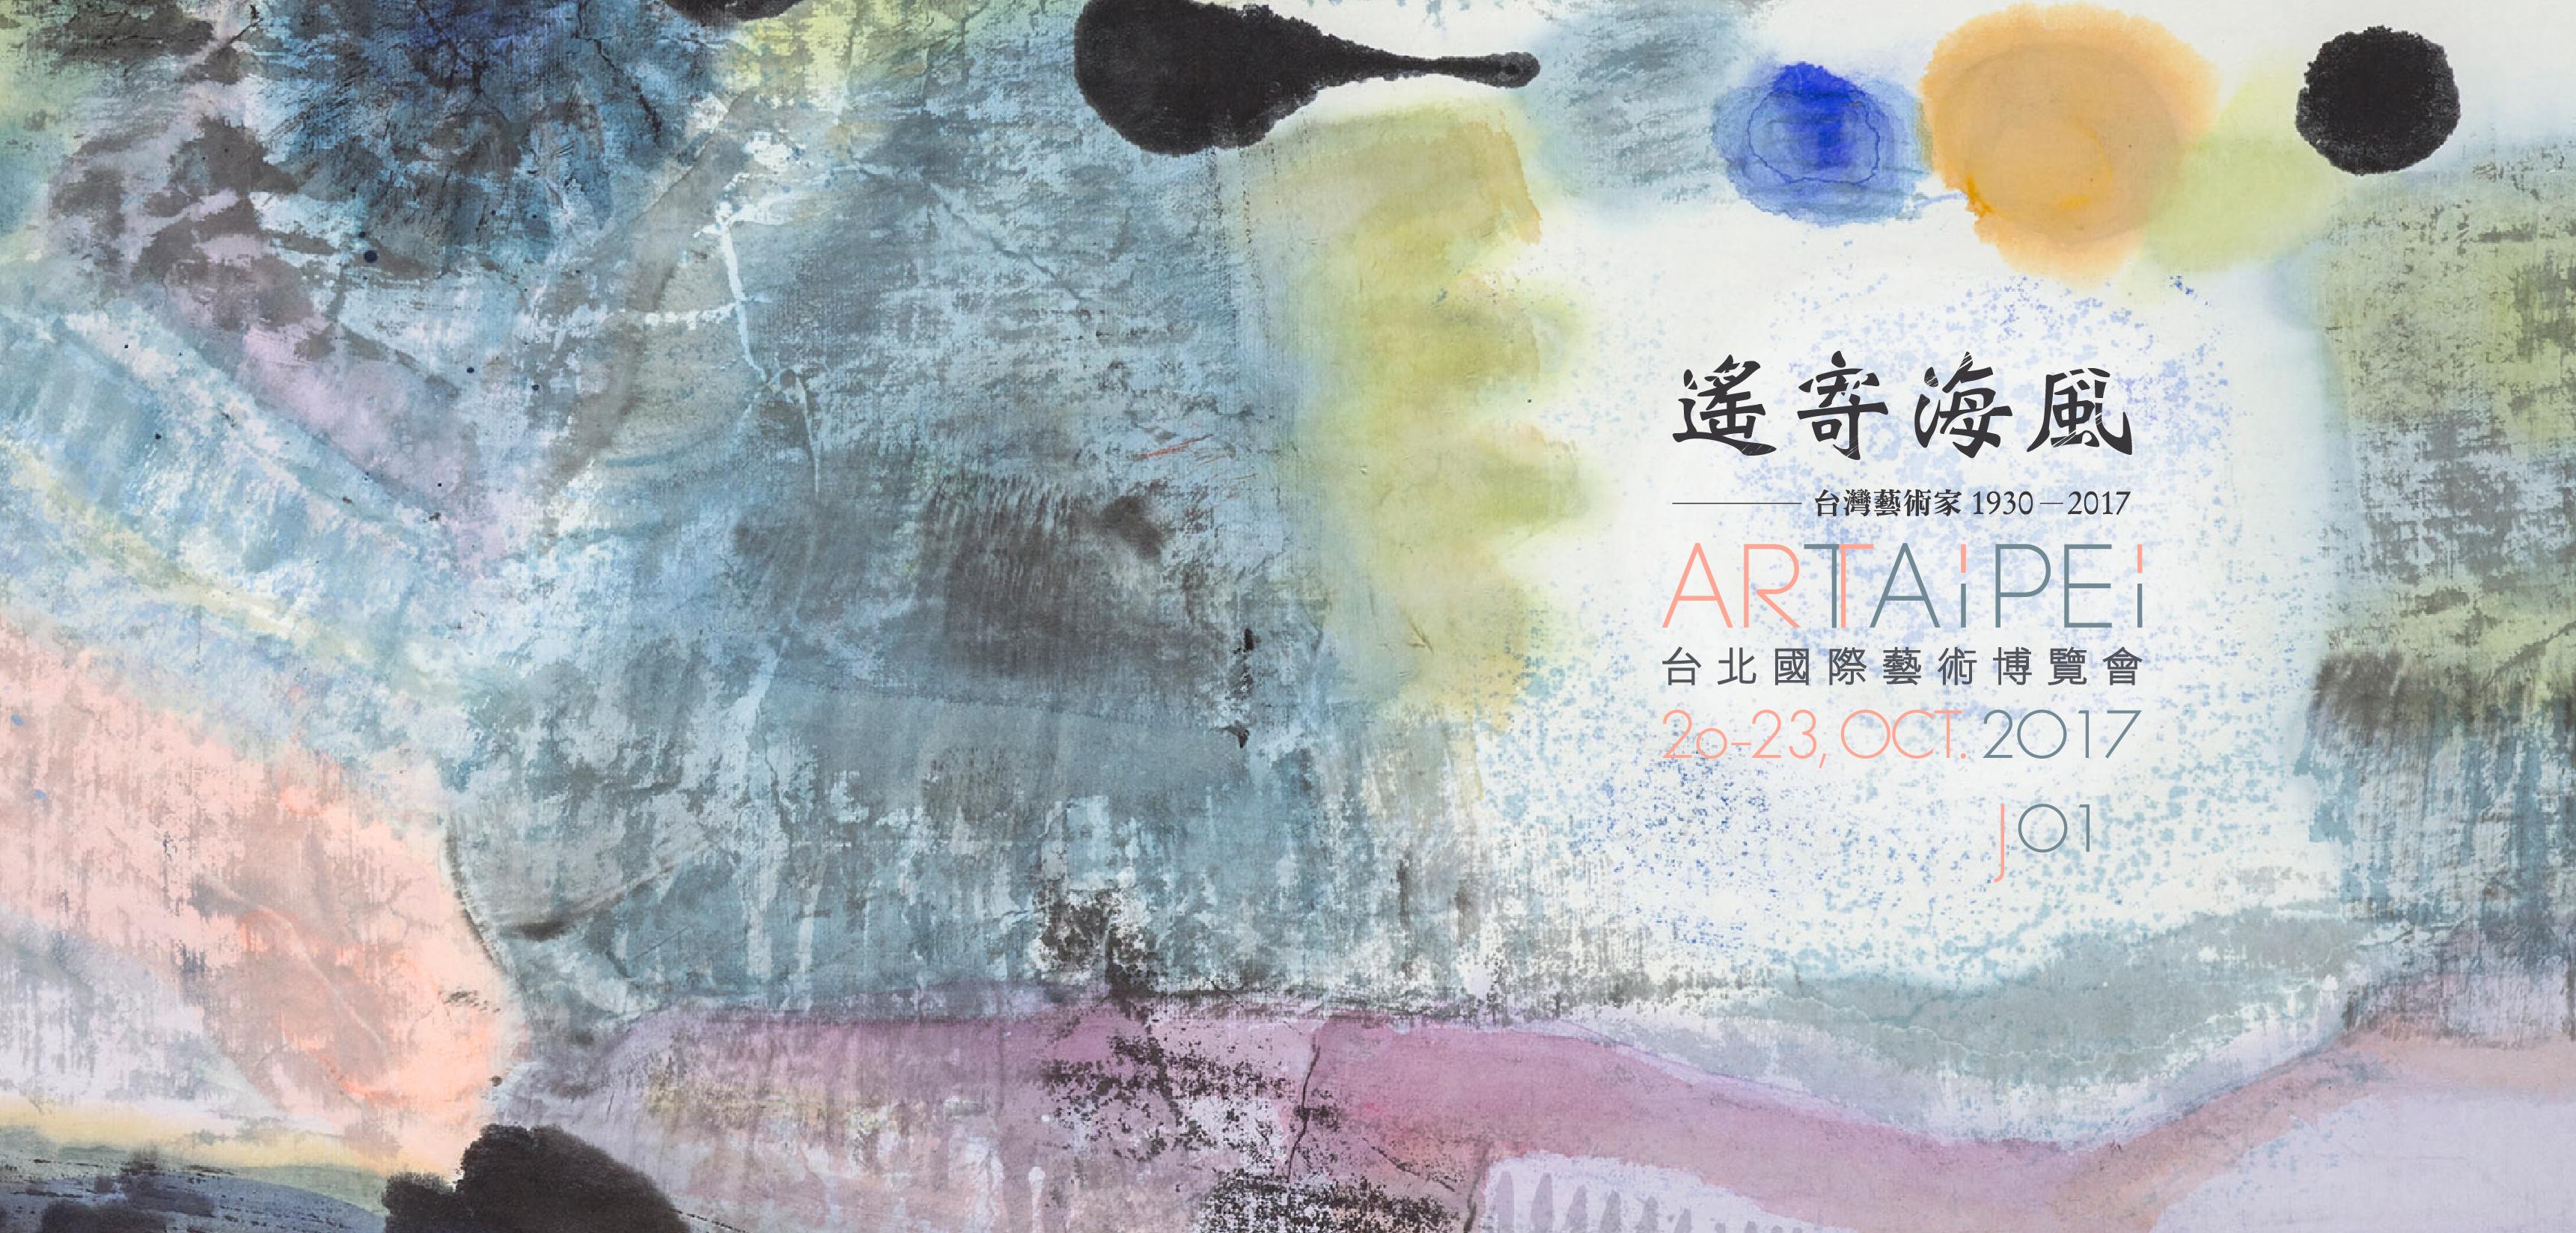 arttaipei2017_news2